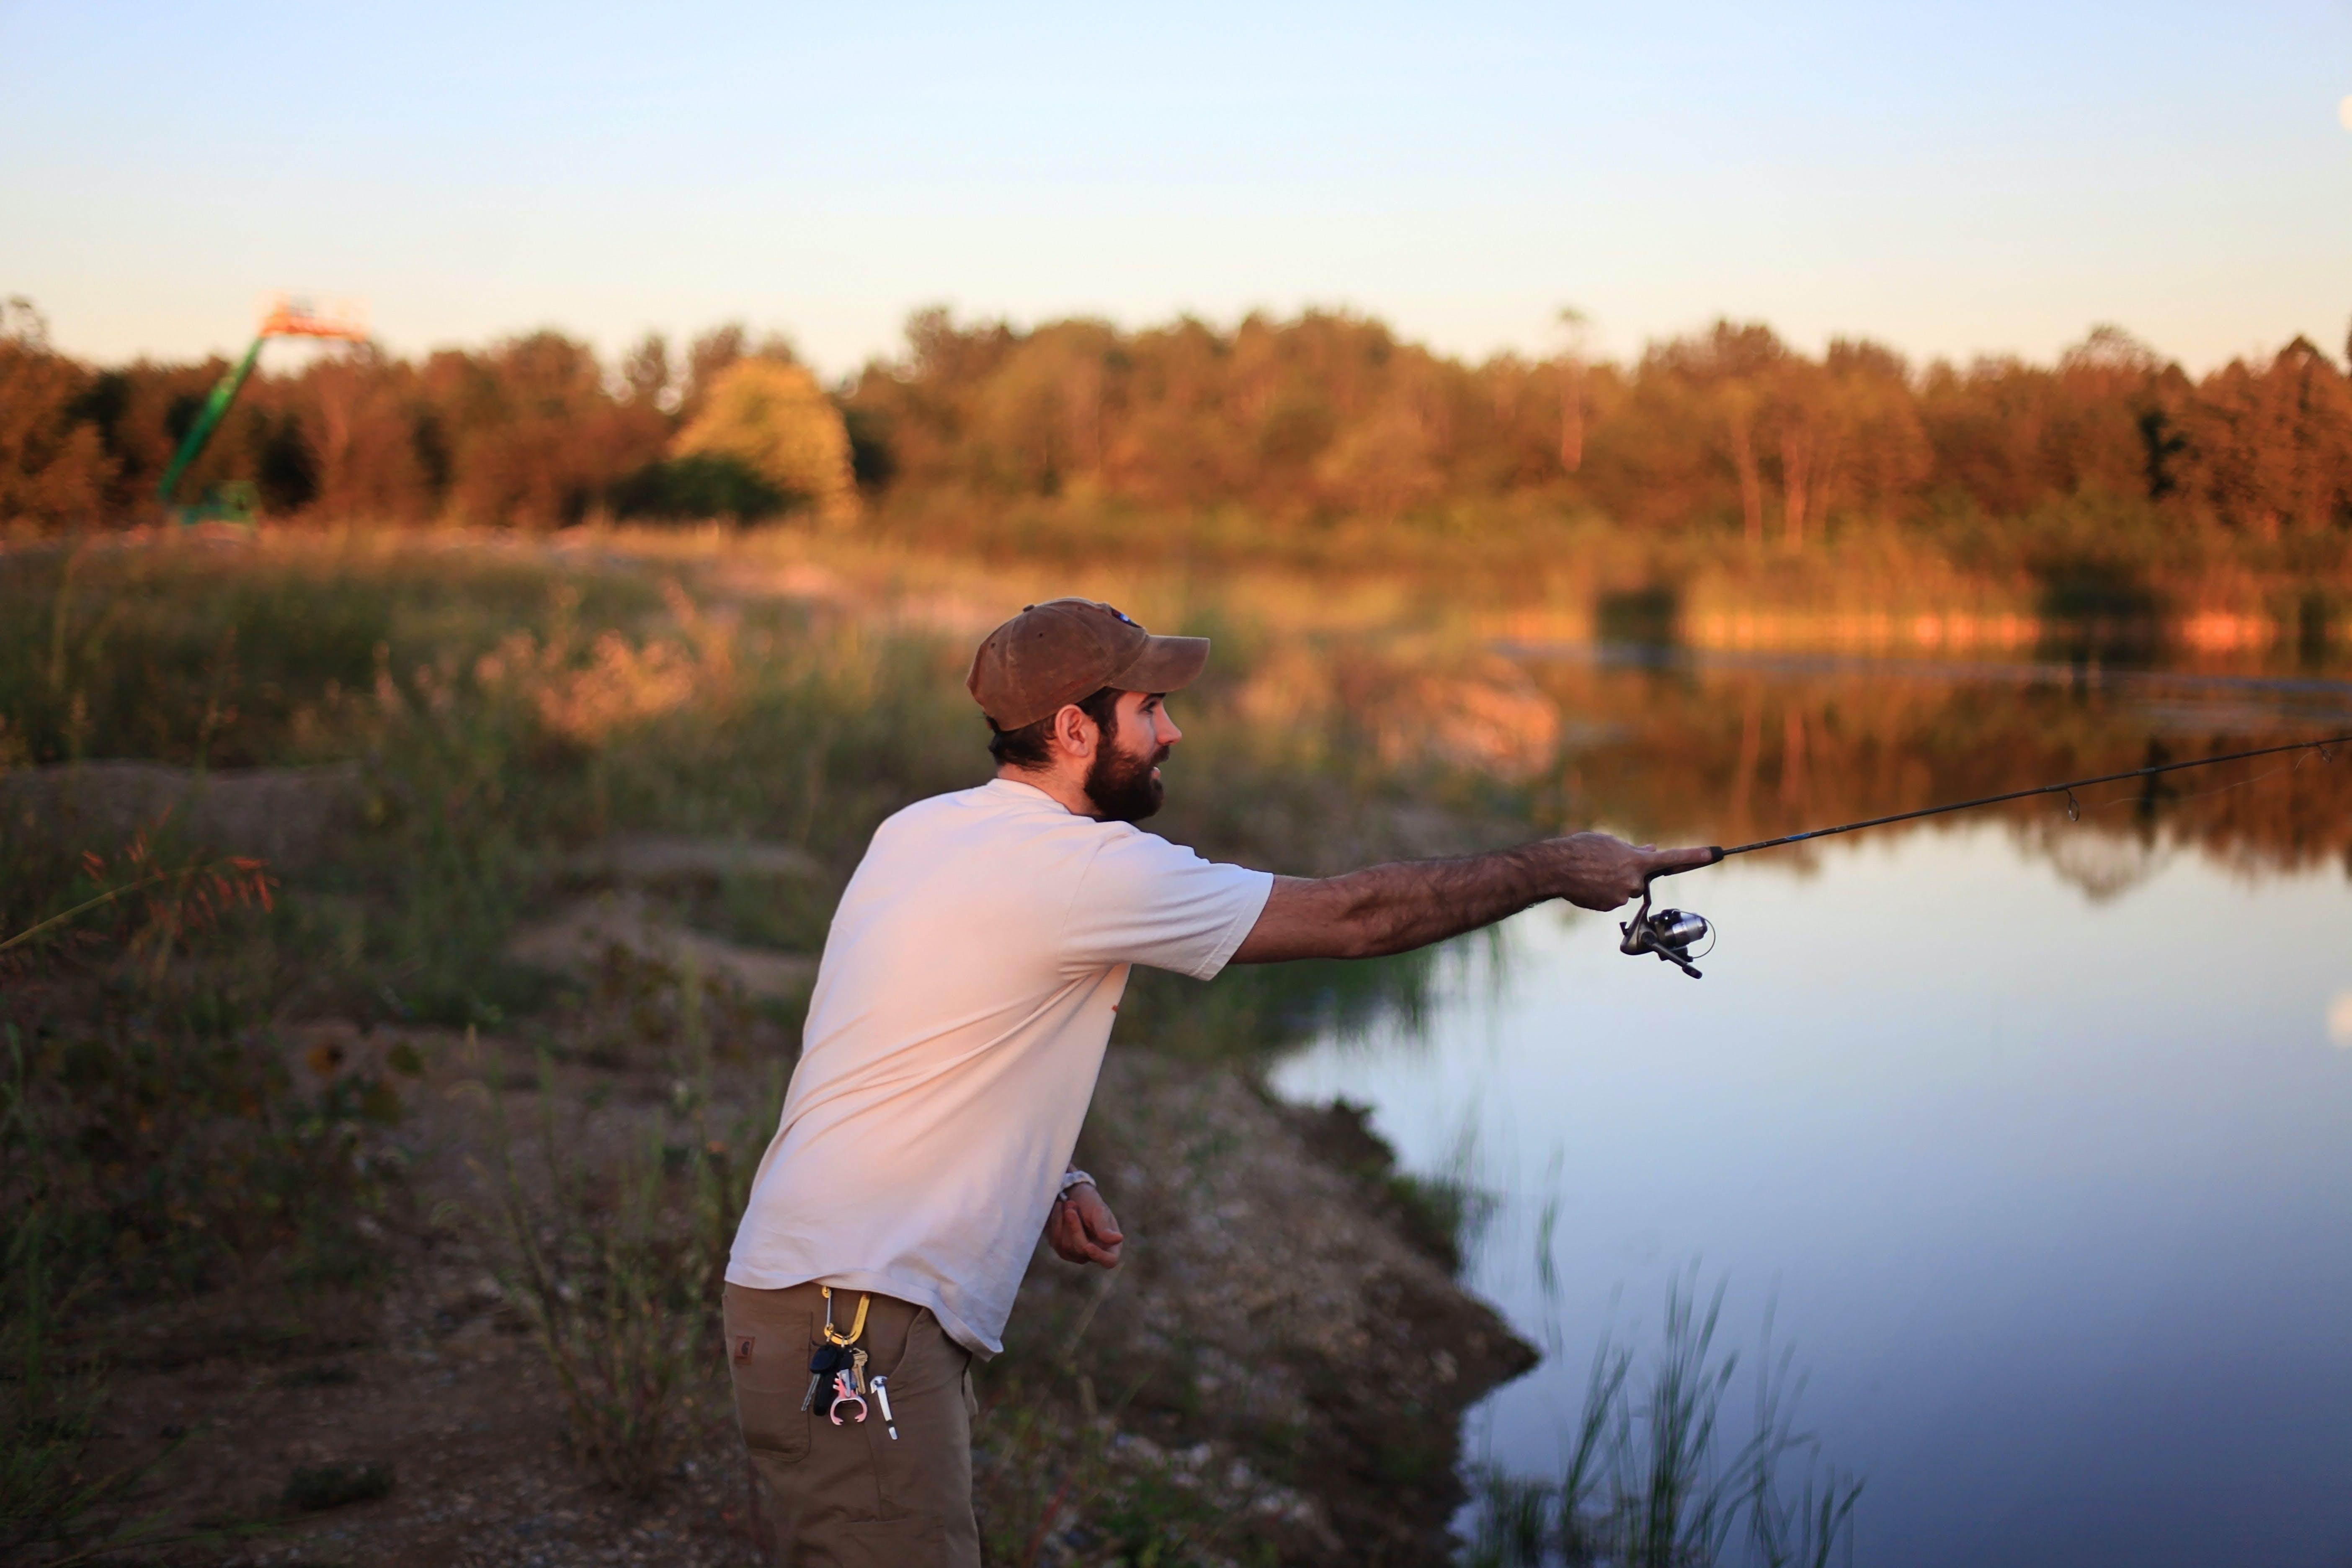 dagslys, fiskeri, græs